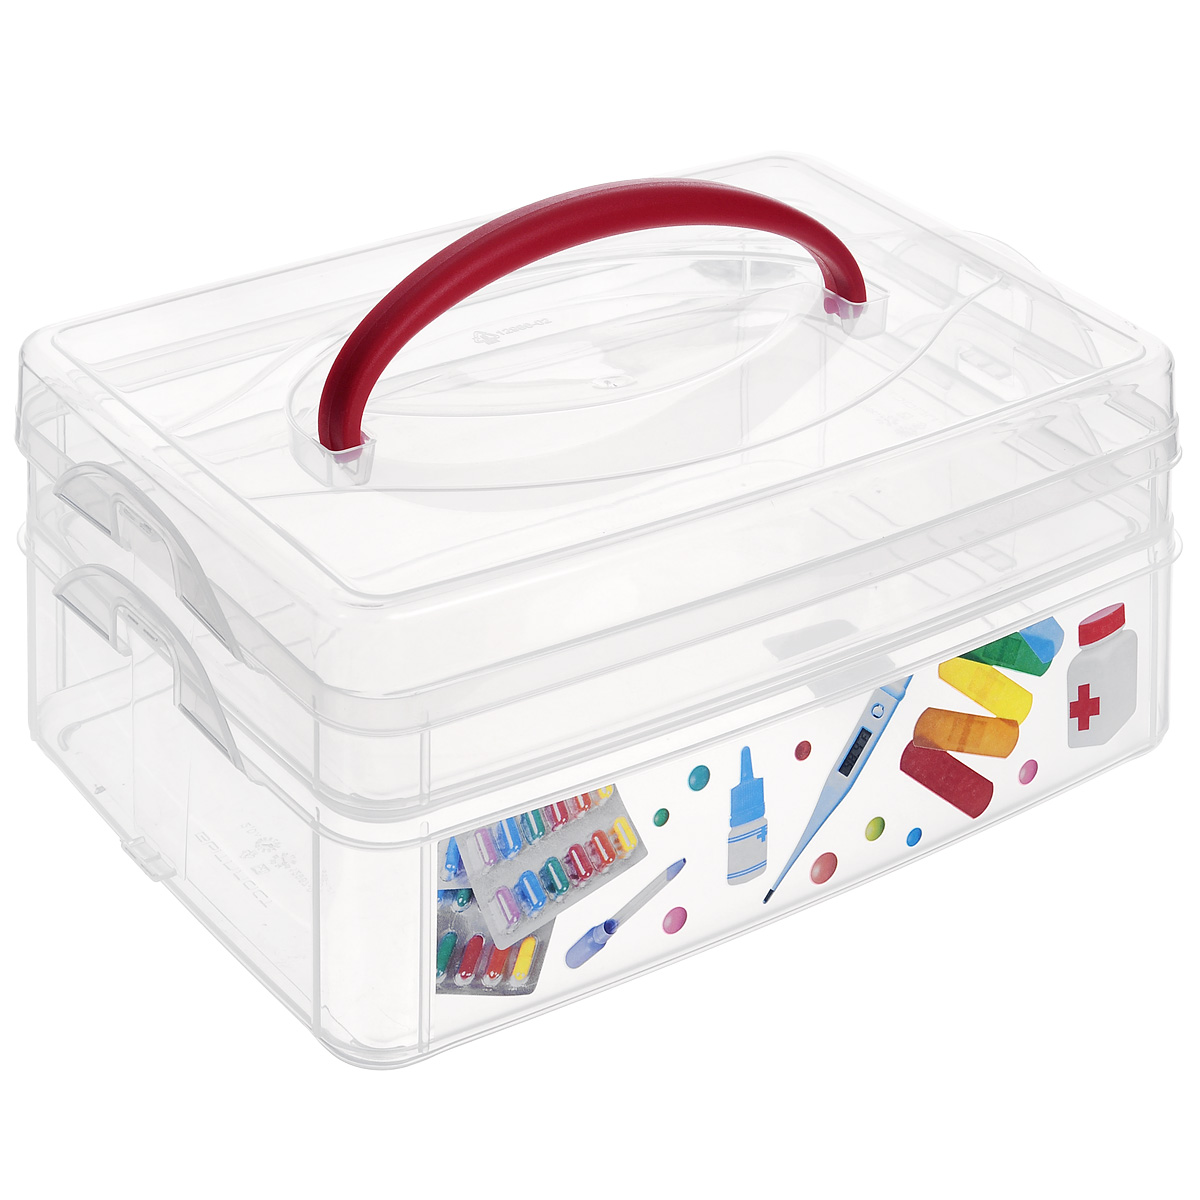 Контейнер для мелочей Econova Multi Box, с ручкой, 2 секции, 24,5 см х 16 см х 10,5 смRG-D31SКонтейнер для мелочей Econova Multi Box выполнен из высококачественного прозрачного пластика. Это отличное место для хранения материалов для рукоделия, различных аксессуаров. Изделие декорировано ярким рисунком. Контейнер легко открывается, оснащен двумя съемными отделениями и специальной пластиковой ручкой для переноски. Не требует особого ухода.Благодаря малым габаритам, контейнер занимает очень мало места. Контейнер Econova Multi Box - идеальное решение для аккуратного хранения вещей.Размер маленького отделения: 23,5 см х 15,5 см х 4,5 см.Размер большого отделения: 23,5 см х 15,5 см х 6 см.